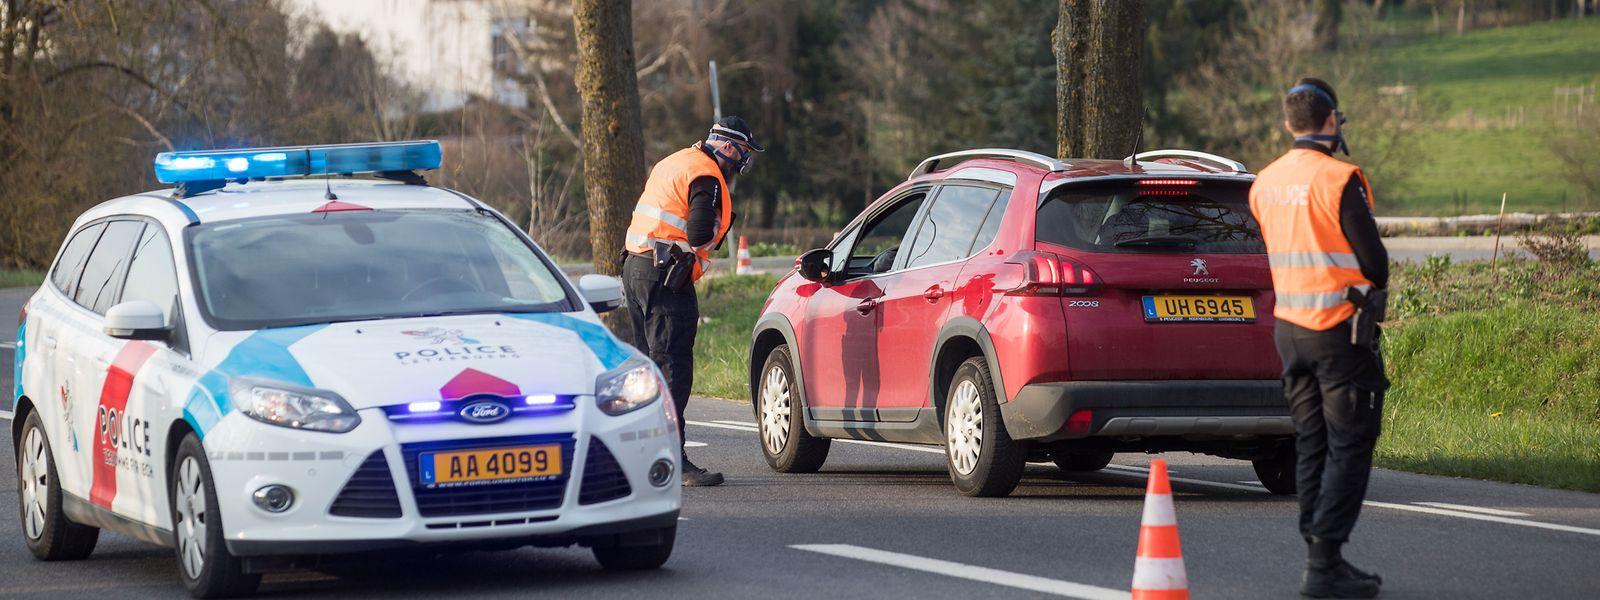 La police contrôle les automobilistes, comme ici à Hesperange.